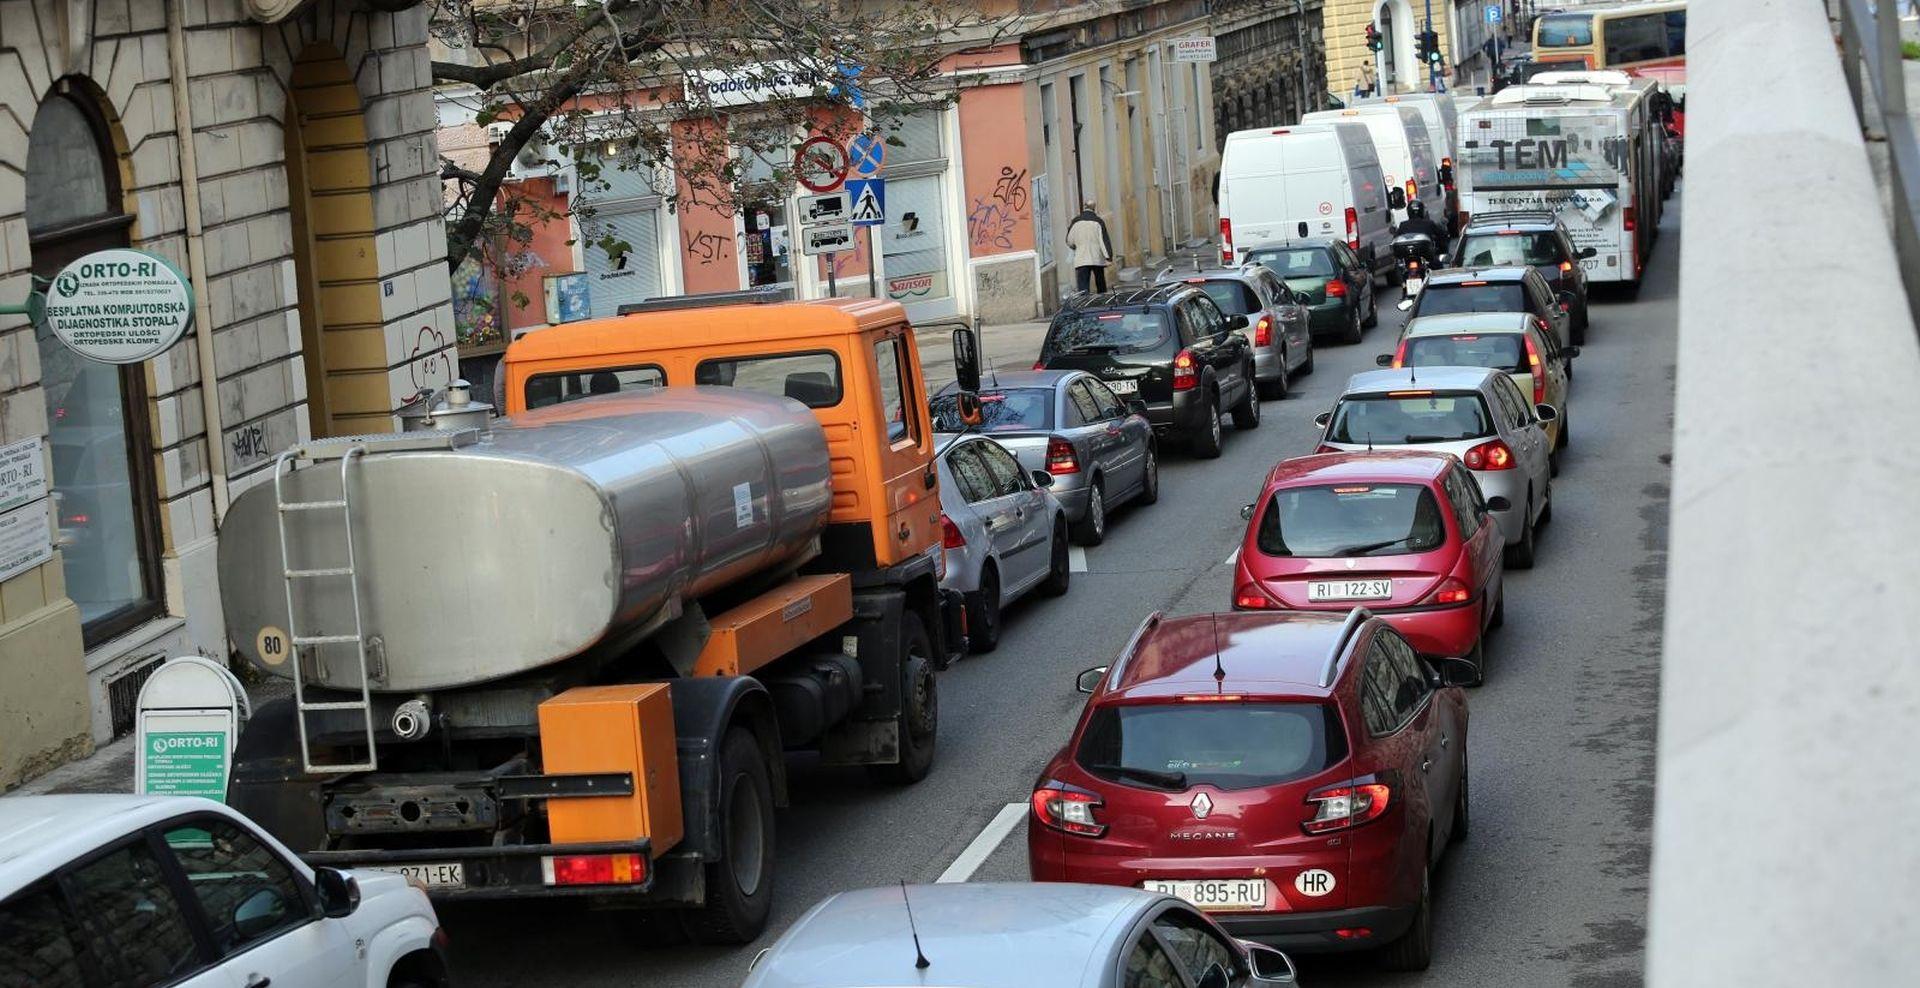 Gust promet na gradskim cestama, moguća poledica